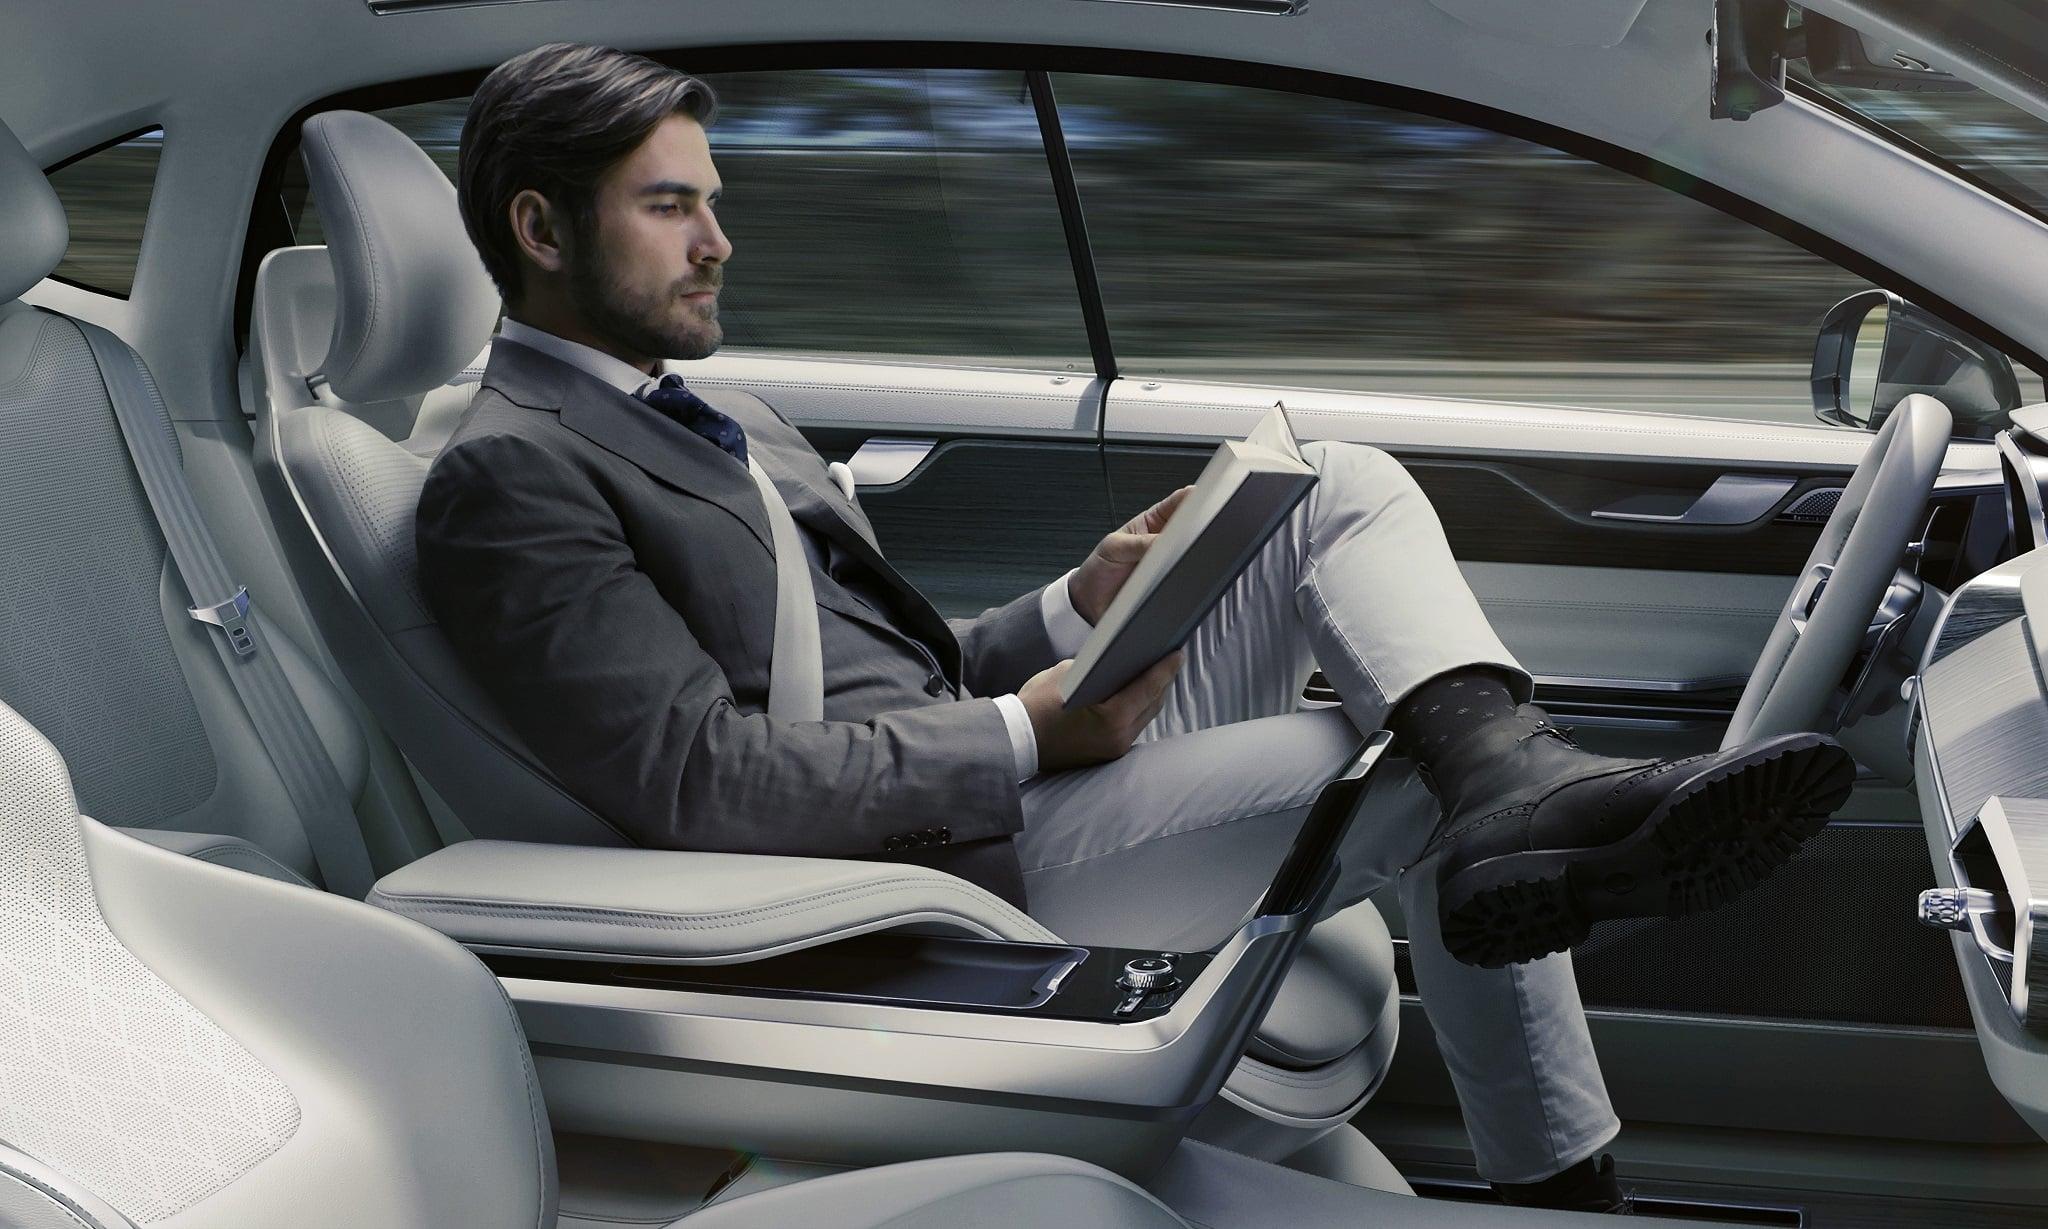 Autonomiczne samochody będą testowane w Polsce? Jaworzno już wykonało pierwsze kroki 30